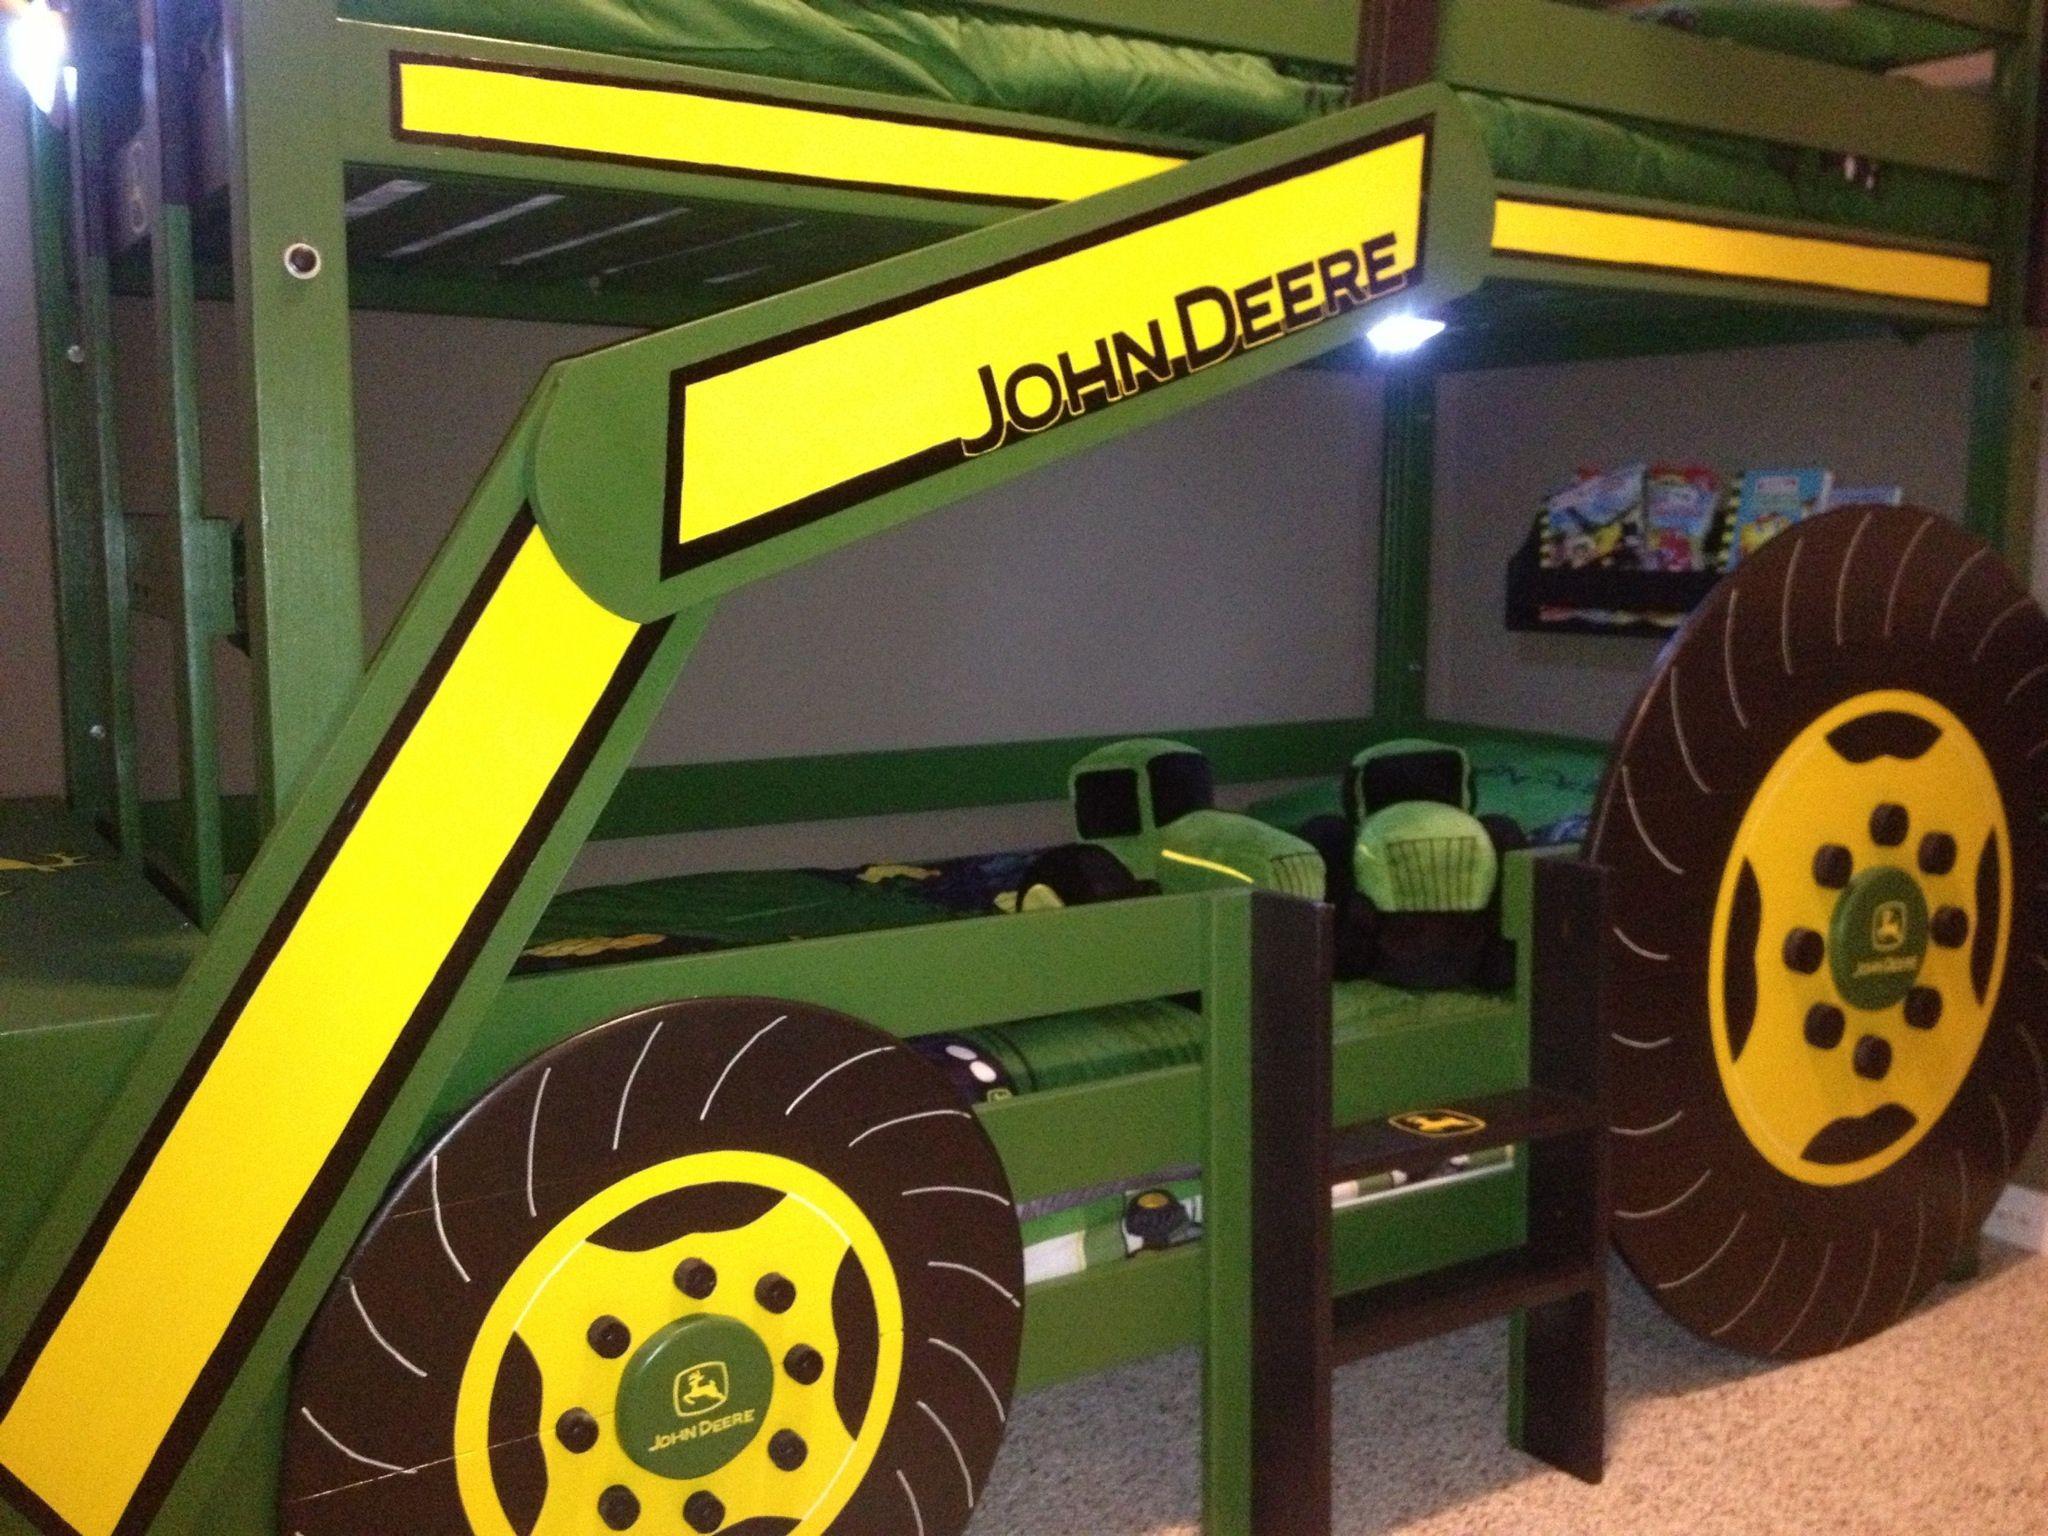 Kinderbett selber bauen traktor  John Deere Tractor Bunk Bed Plans - Bing Images | Rooms | Pinterest